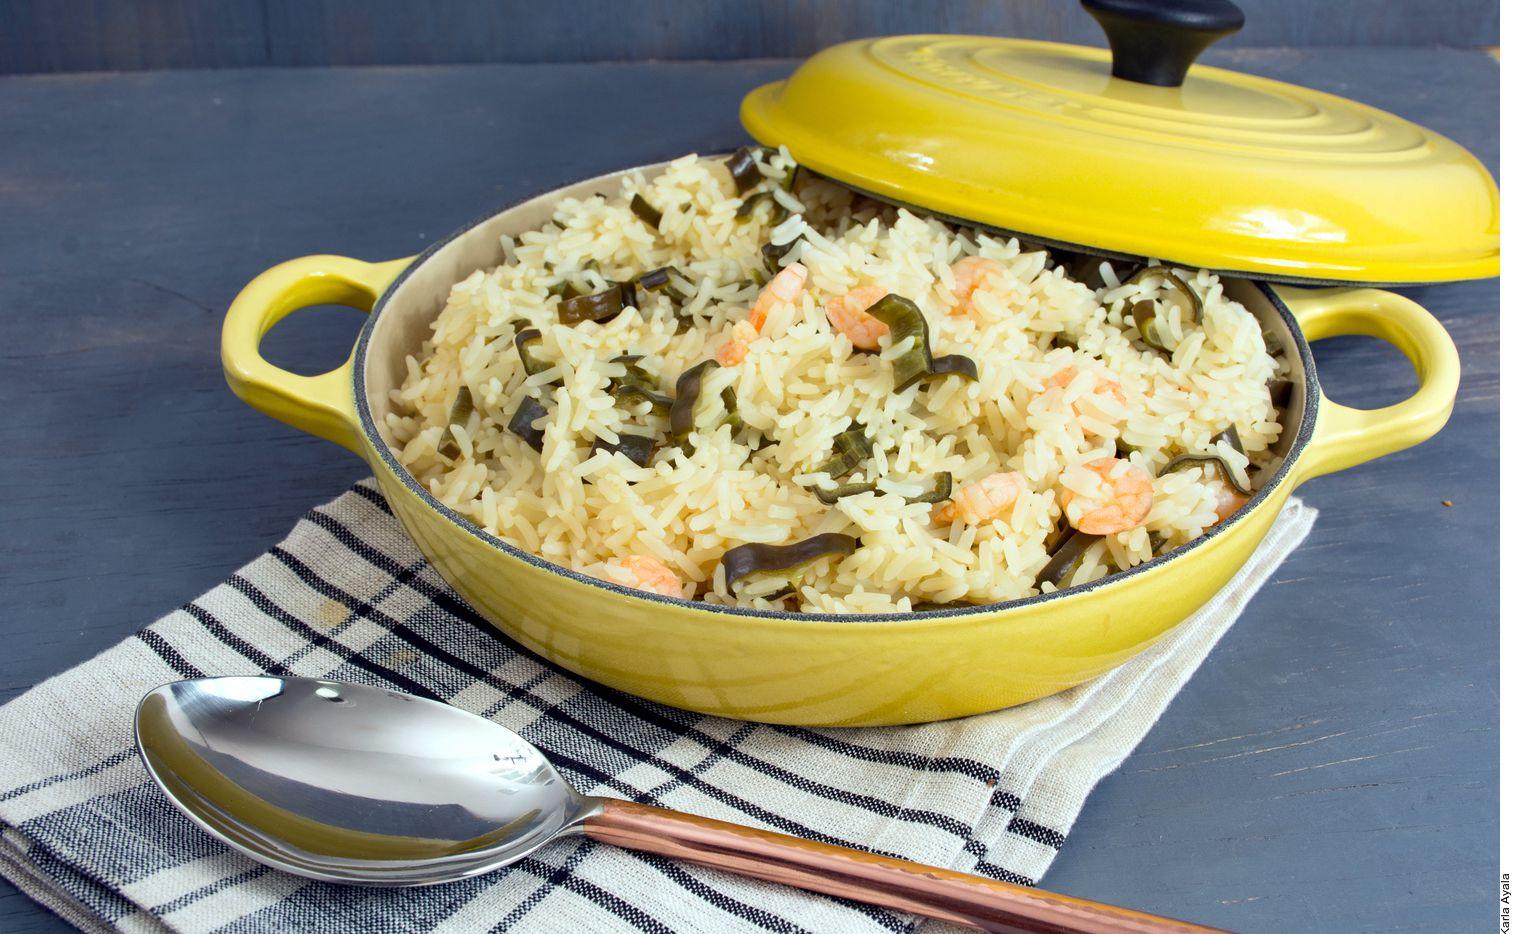 Para lograr un arroz con camarones y chilacas, usted licuar el caldo, el jugo, el ajo y el habanero. Saltear el arroz y agregar las chilacas. Agregar el líquido y los camarones. Cocinar a fuego medio y tapado por 20 minutos o hasta que esté bien cocido. (AGENCIA REFORMA)